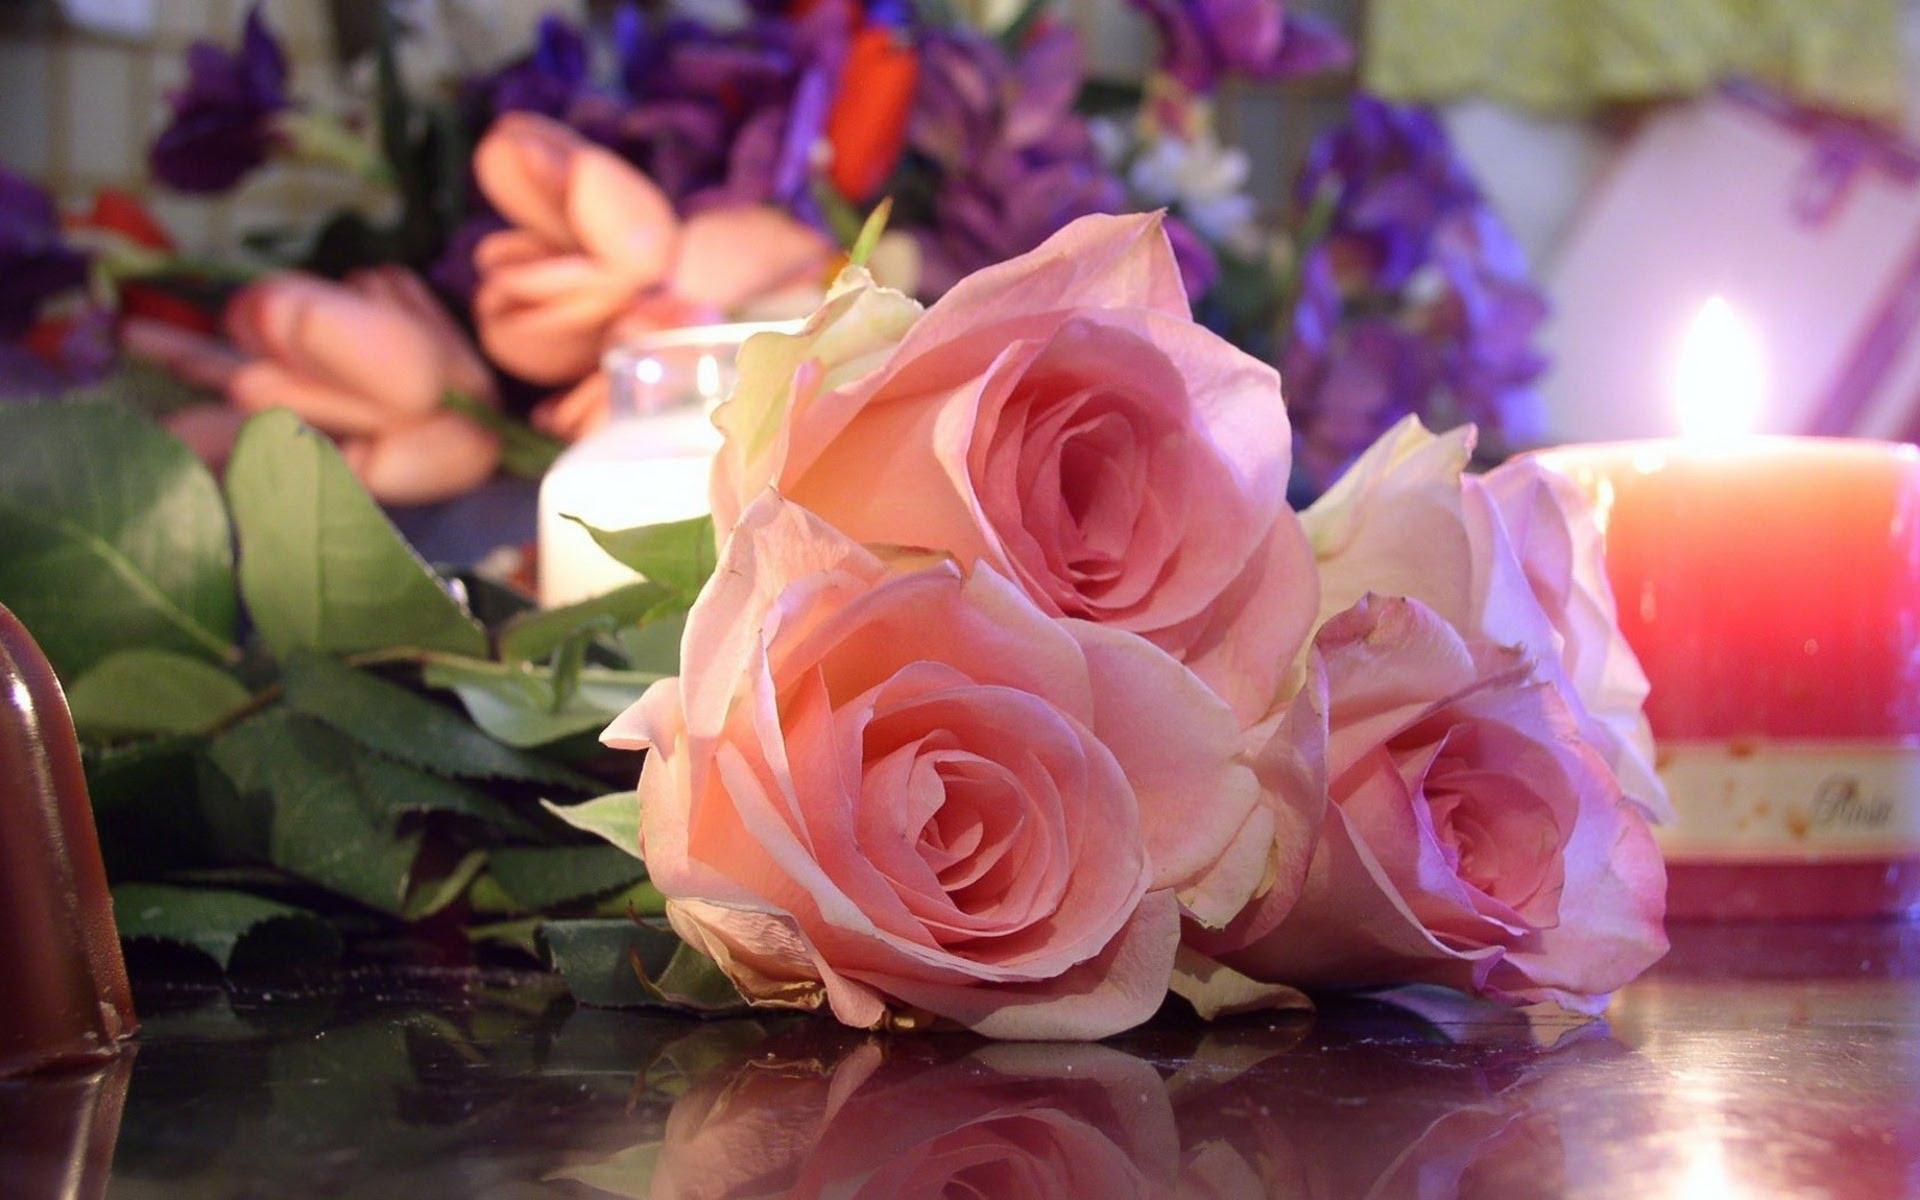 بالصور صور الورد , صورة ورد في غاية الجمال 4260 9